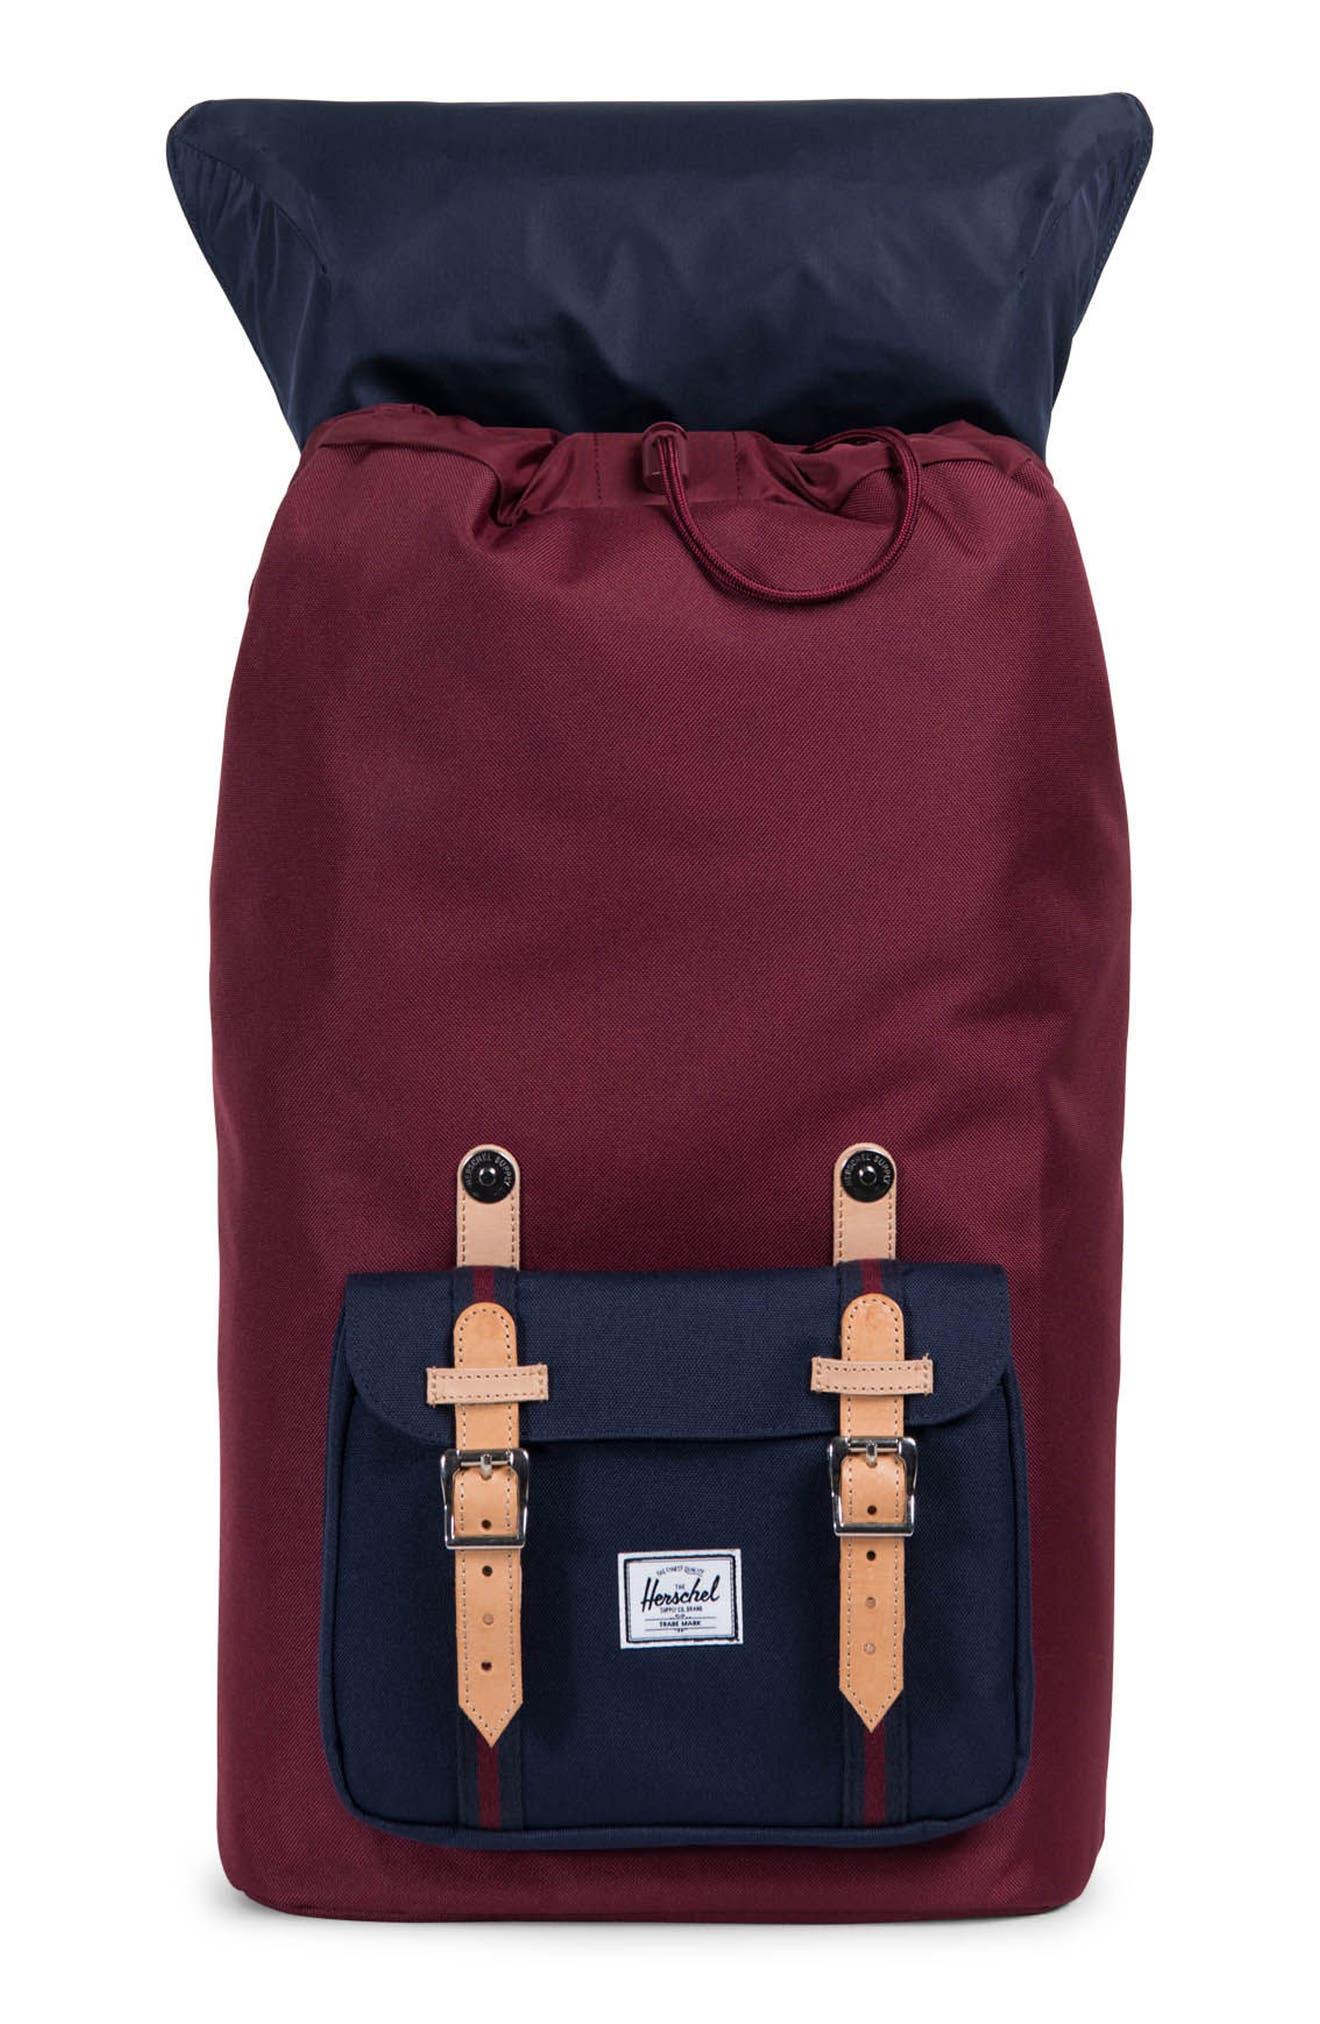 Little America Backpack,                             Alternate thumbnail 10, color,